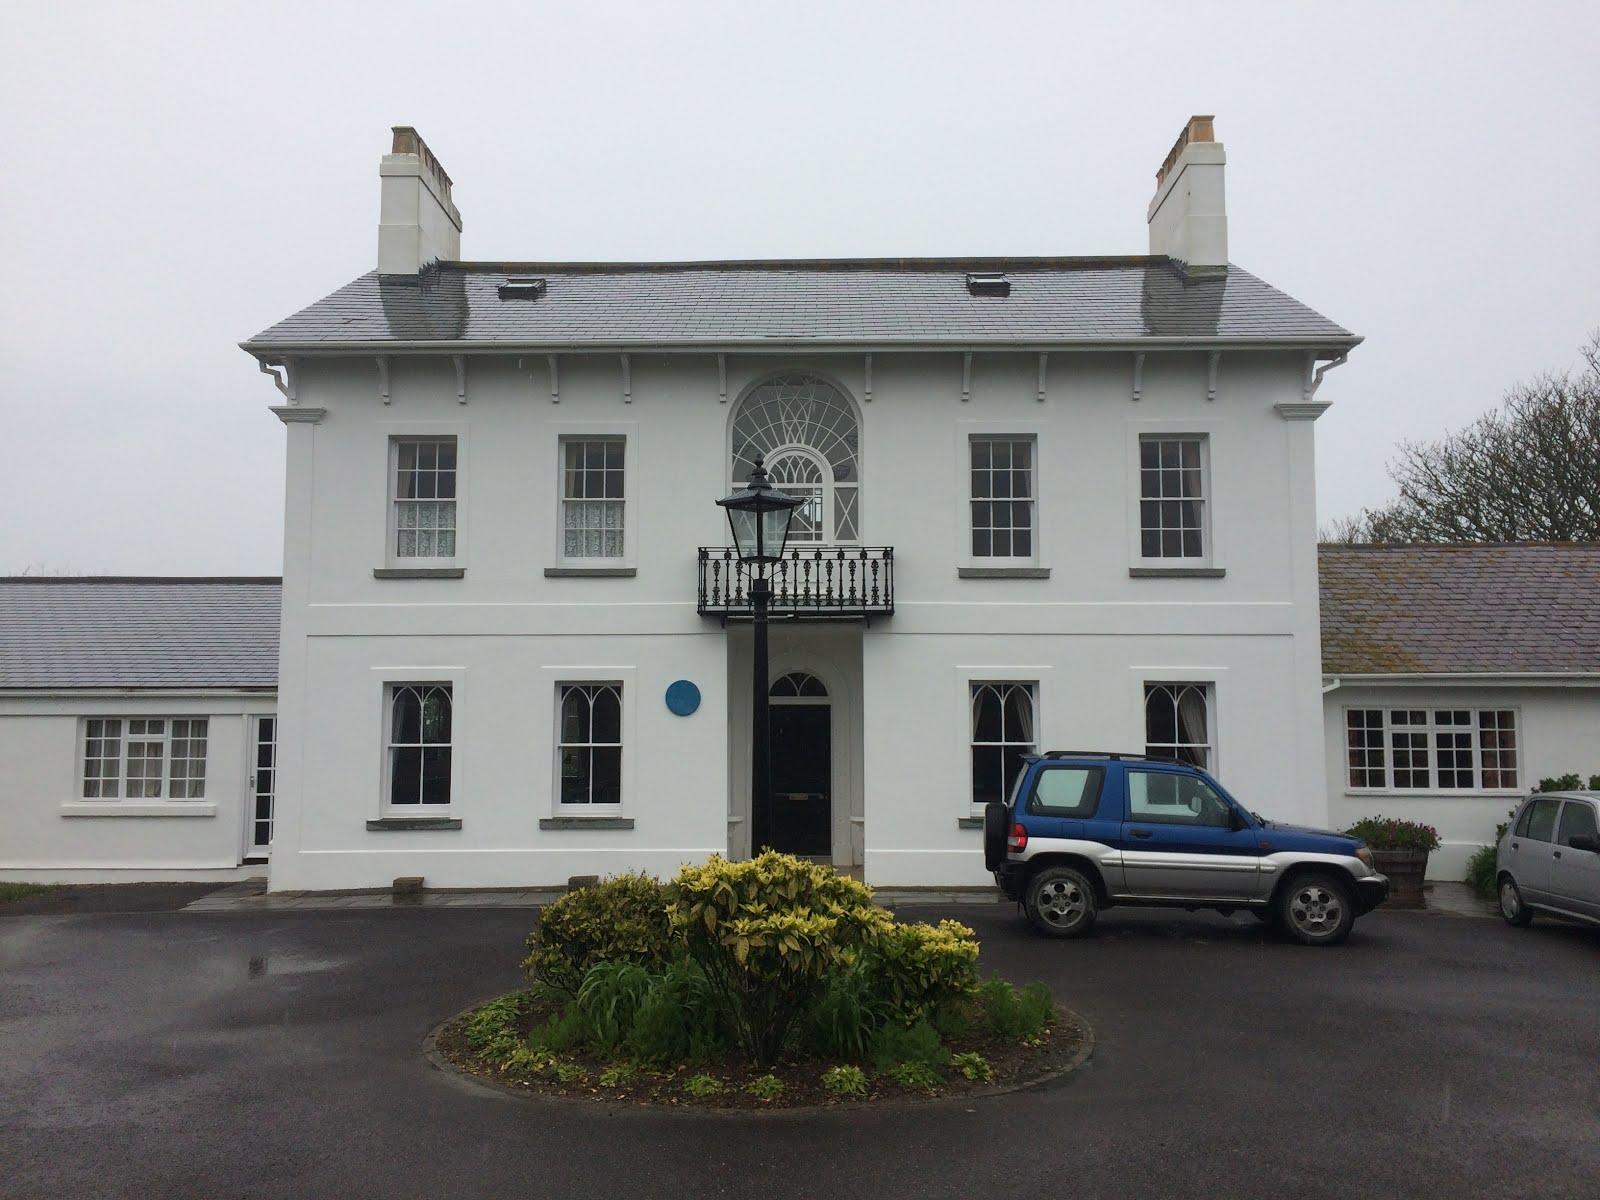 John Arlott's house on Alderney